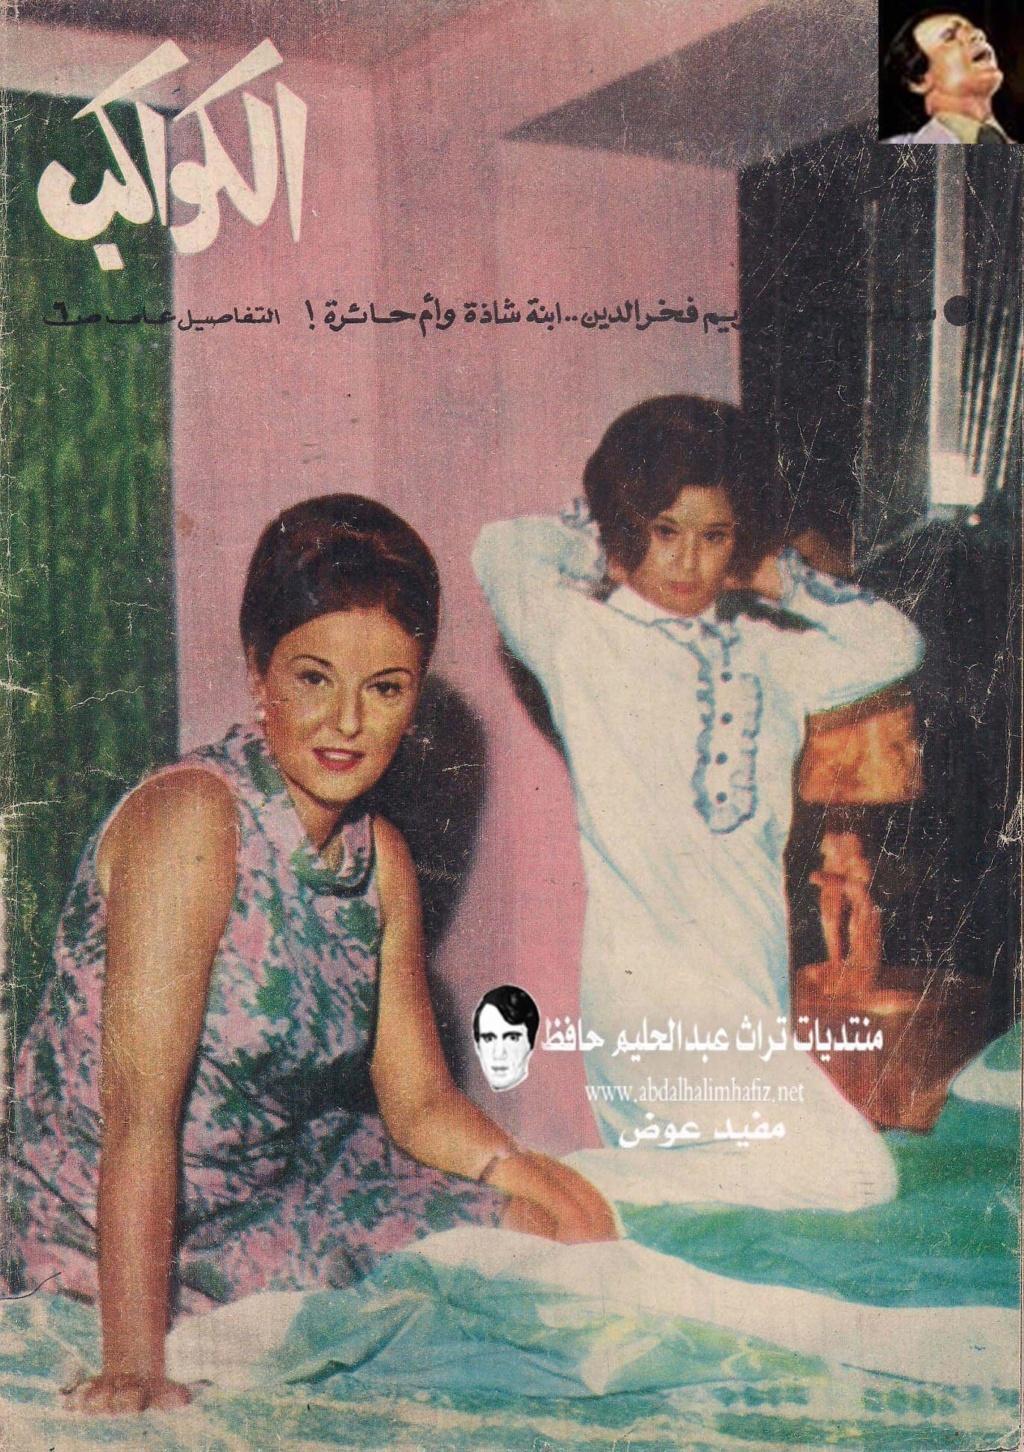 حوار صحفي : سعاد حسني .. ومريم فخر الدين .. معاً لأول مرة .. ابنة شاذة .. وأم مطلقة ! 1969 م 1266